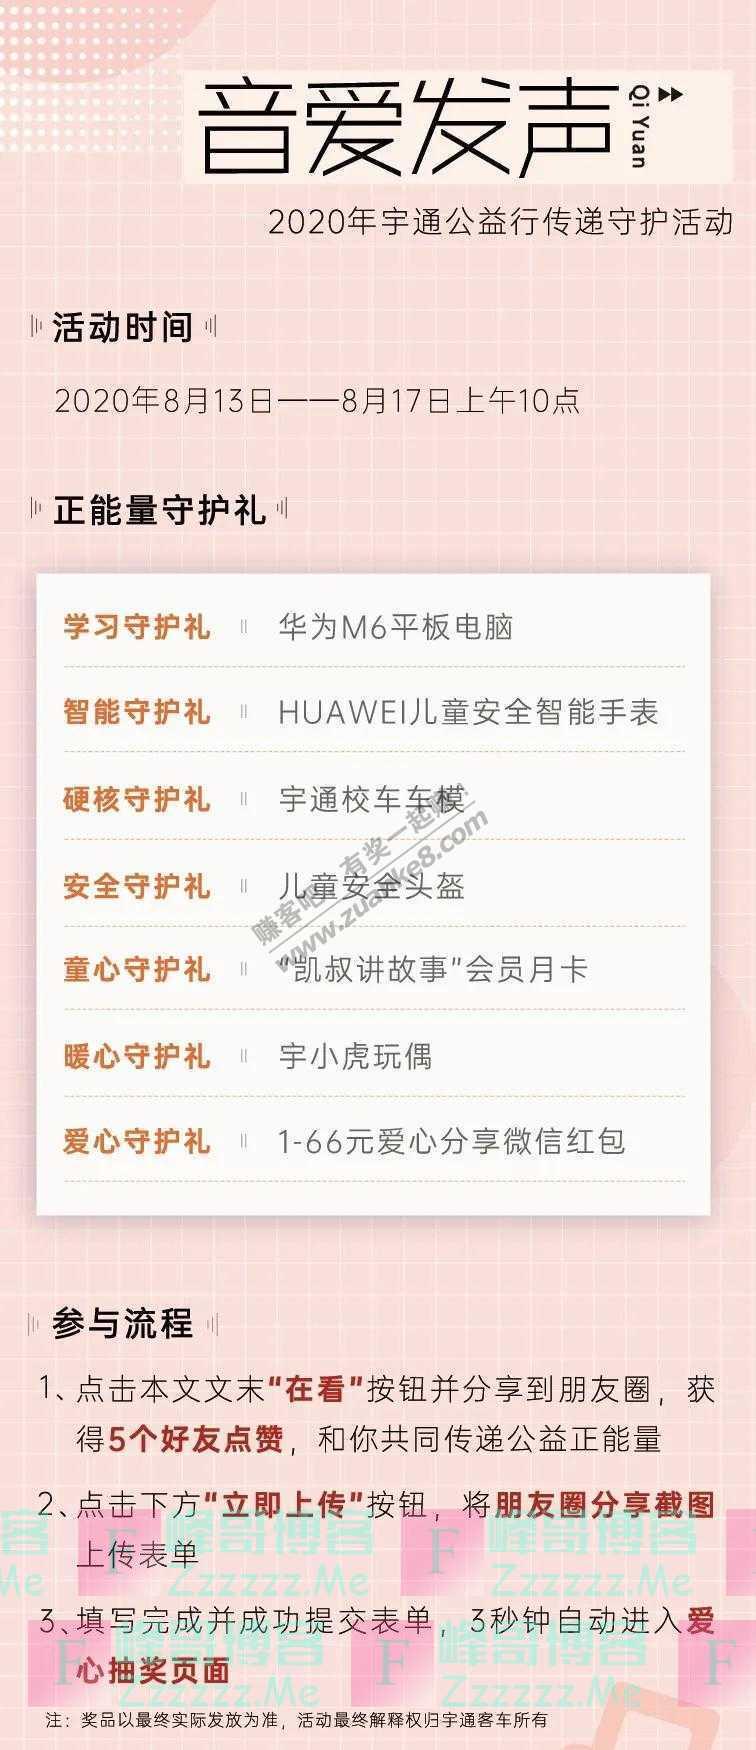 宇通客车宇通联合QQ音乐、壹基金发布公益歌曲《祈愿》(截止8月17日)